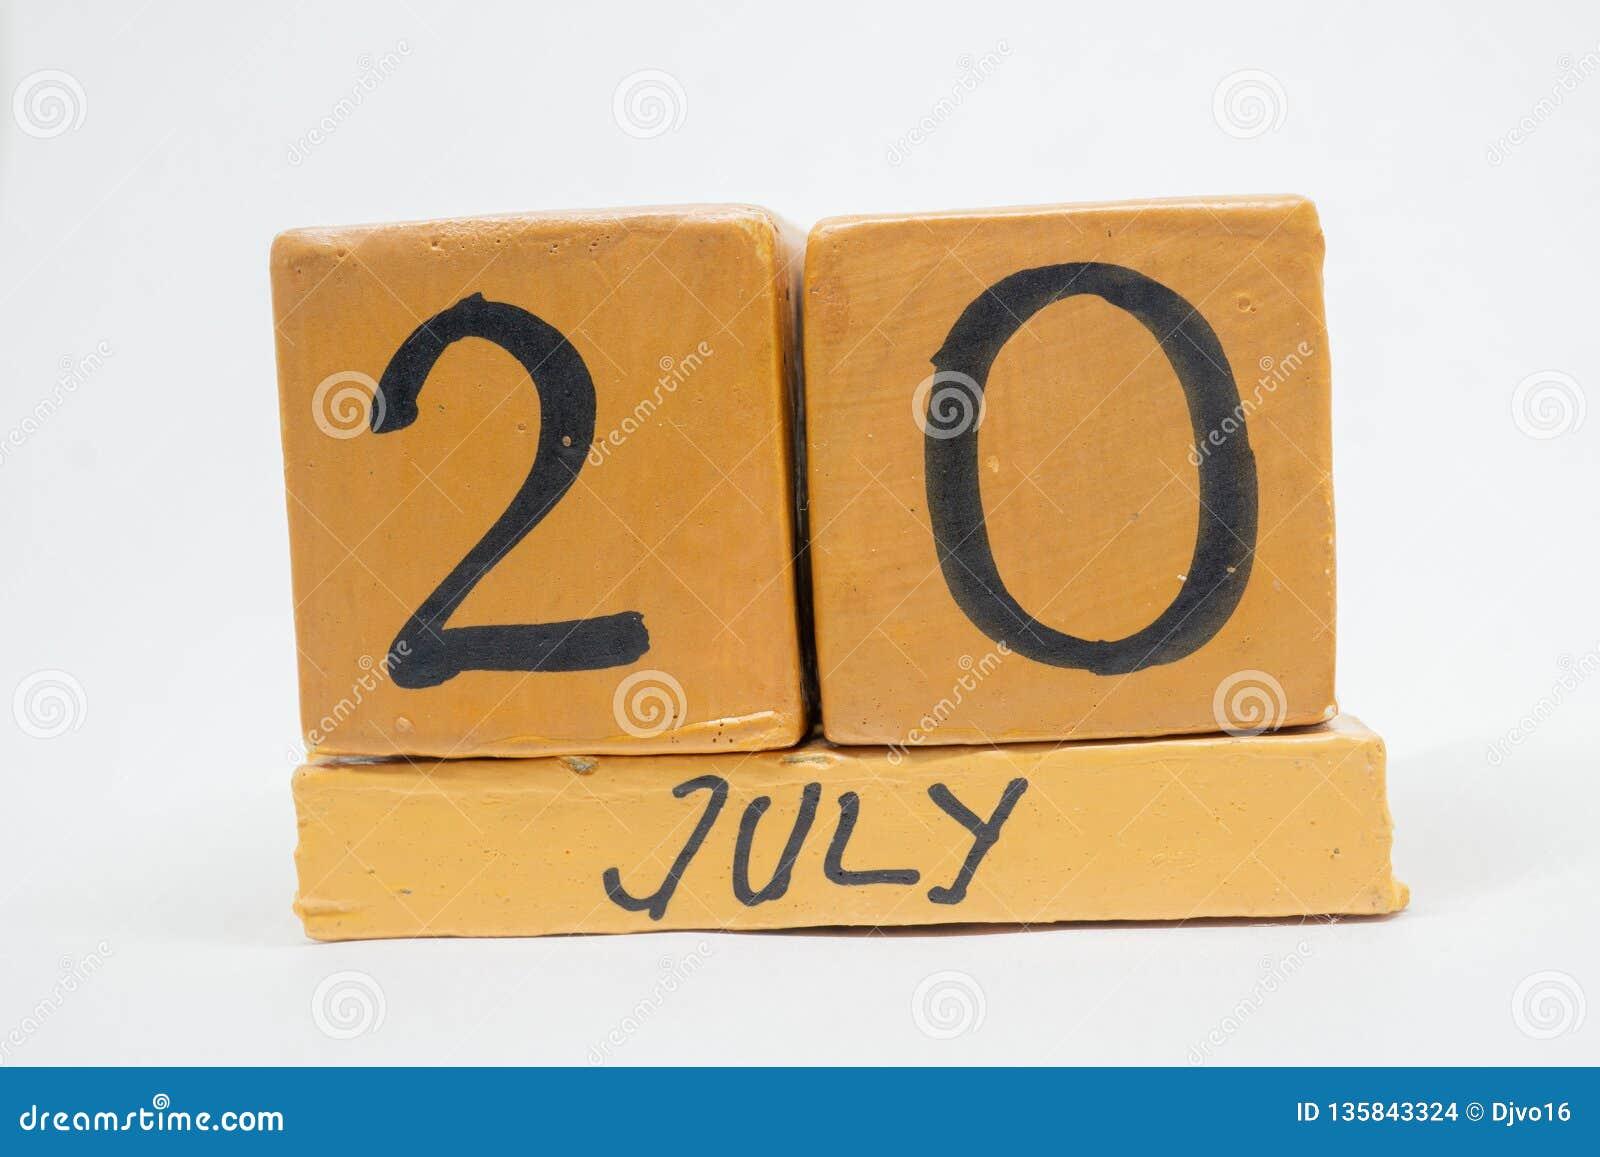 20 Ιουλίου Ημέρα 20 του μήνα, χειροποίητο ξύλινο ημερολόγιο που απομονώνεται στο άσπρο υπόβαθρο θερινός μήνας, ημέρα της έννοιας